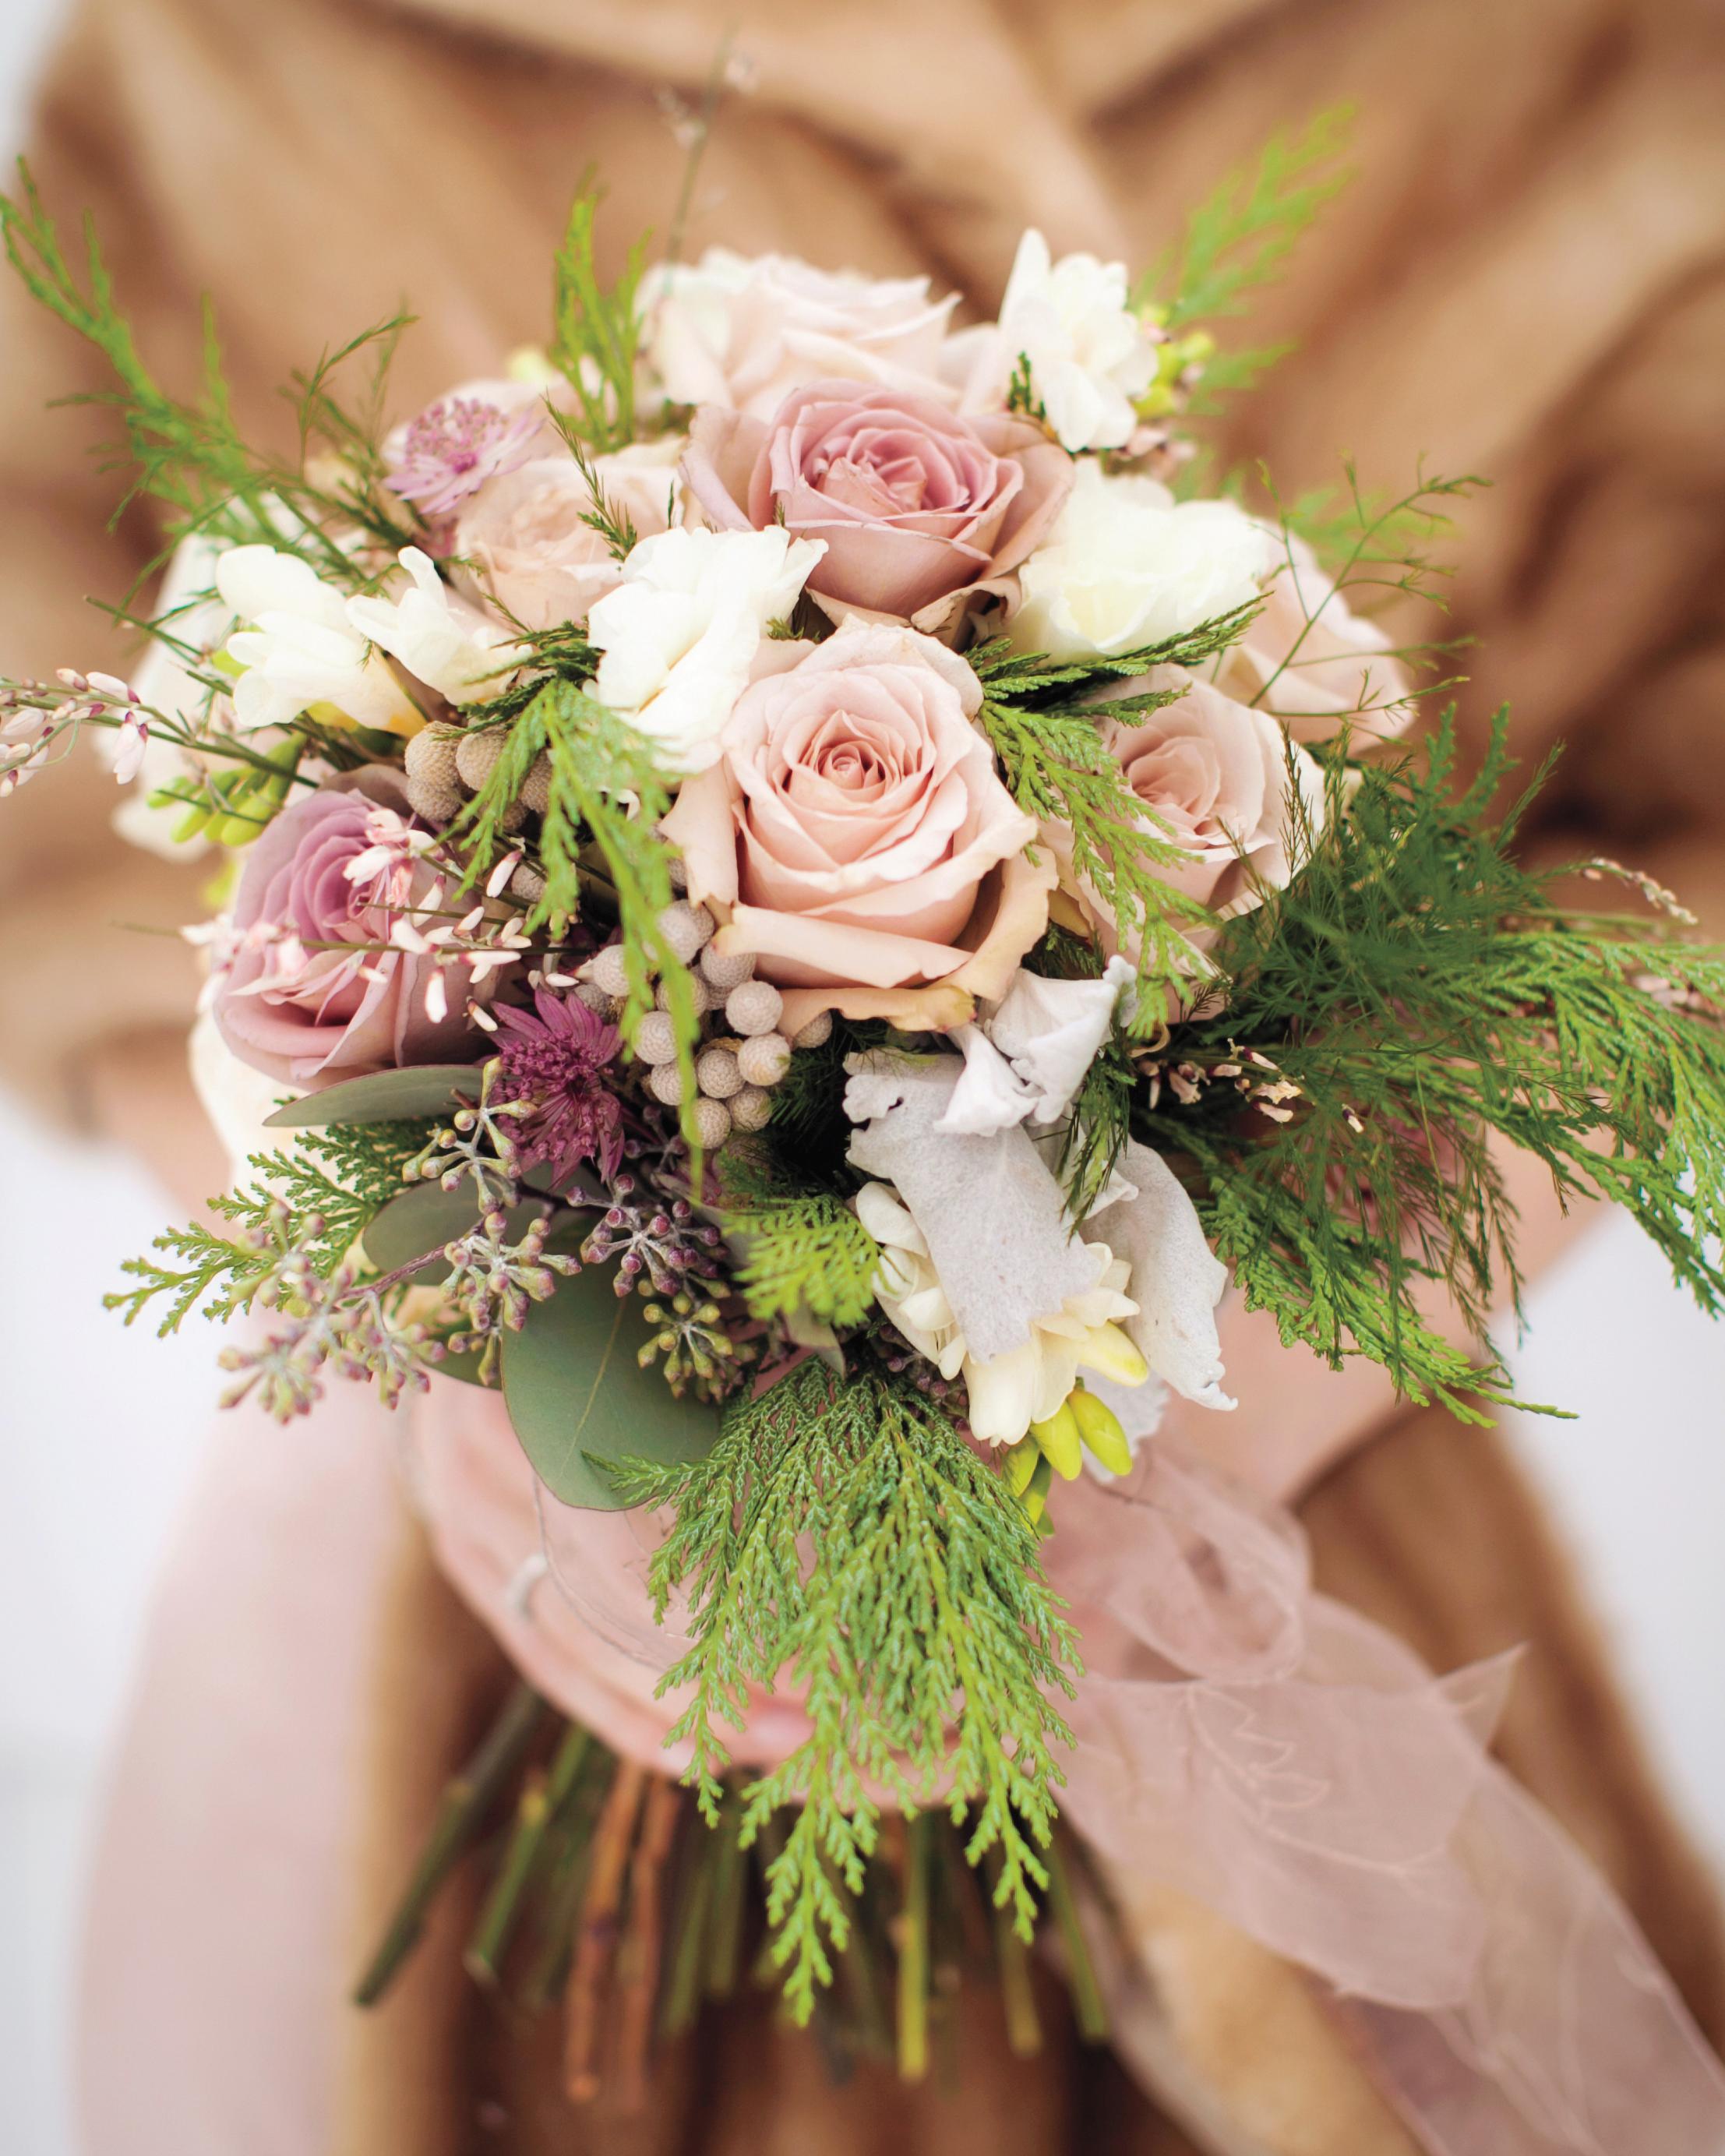 vander-veer-wren-bouquet-mwds109378.jpg